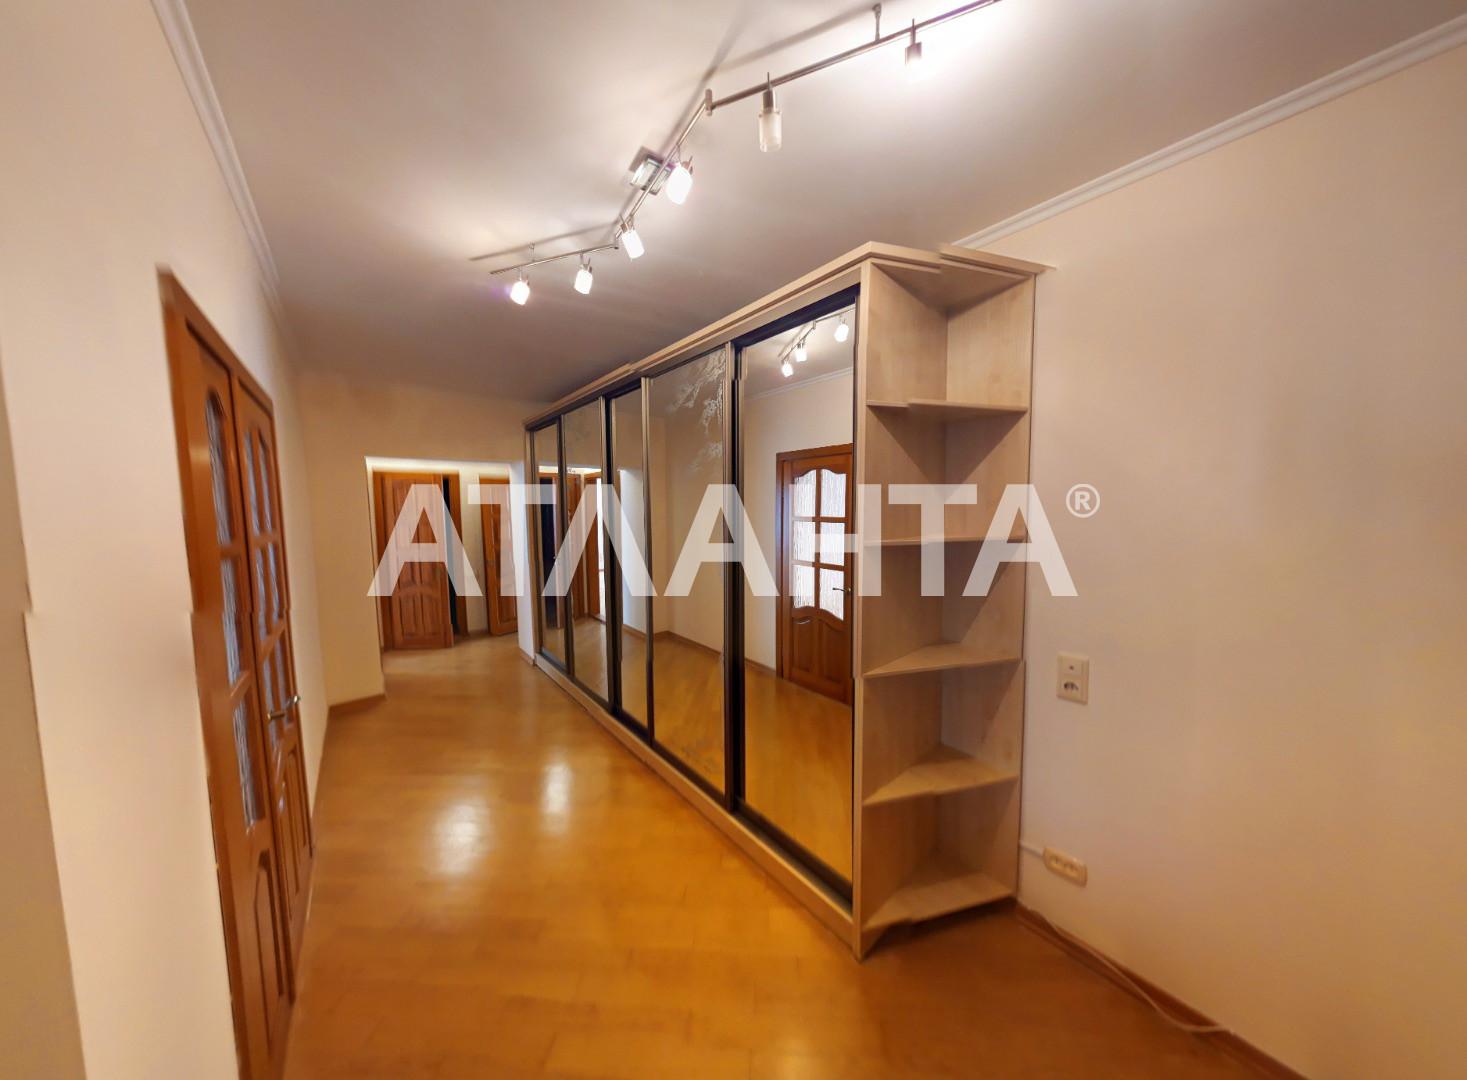 Продается 3-комнатная Квартира на ул. Конева — 118 000 у.е. (фото №5)